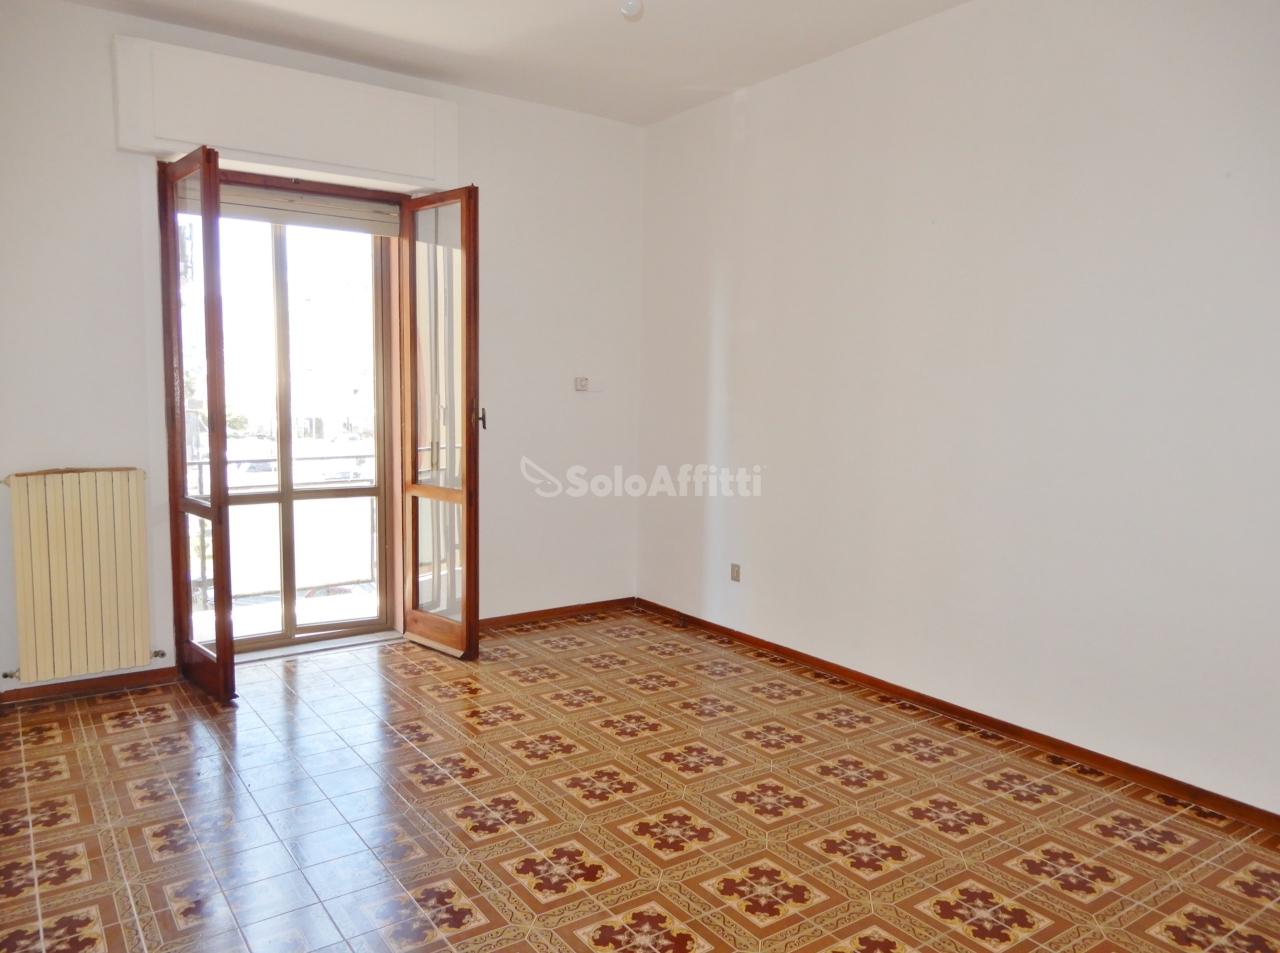 Appartamento - Quadrilocale a Rione De Filippis, Catanzaro